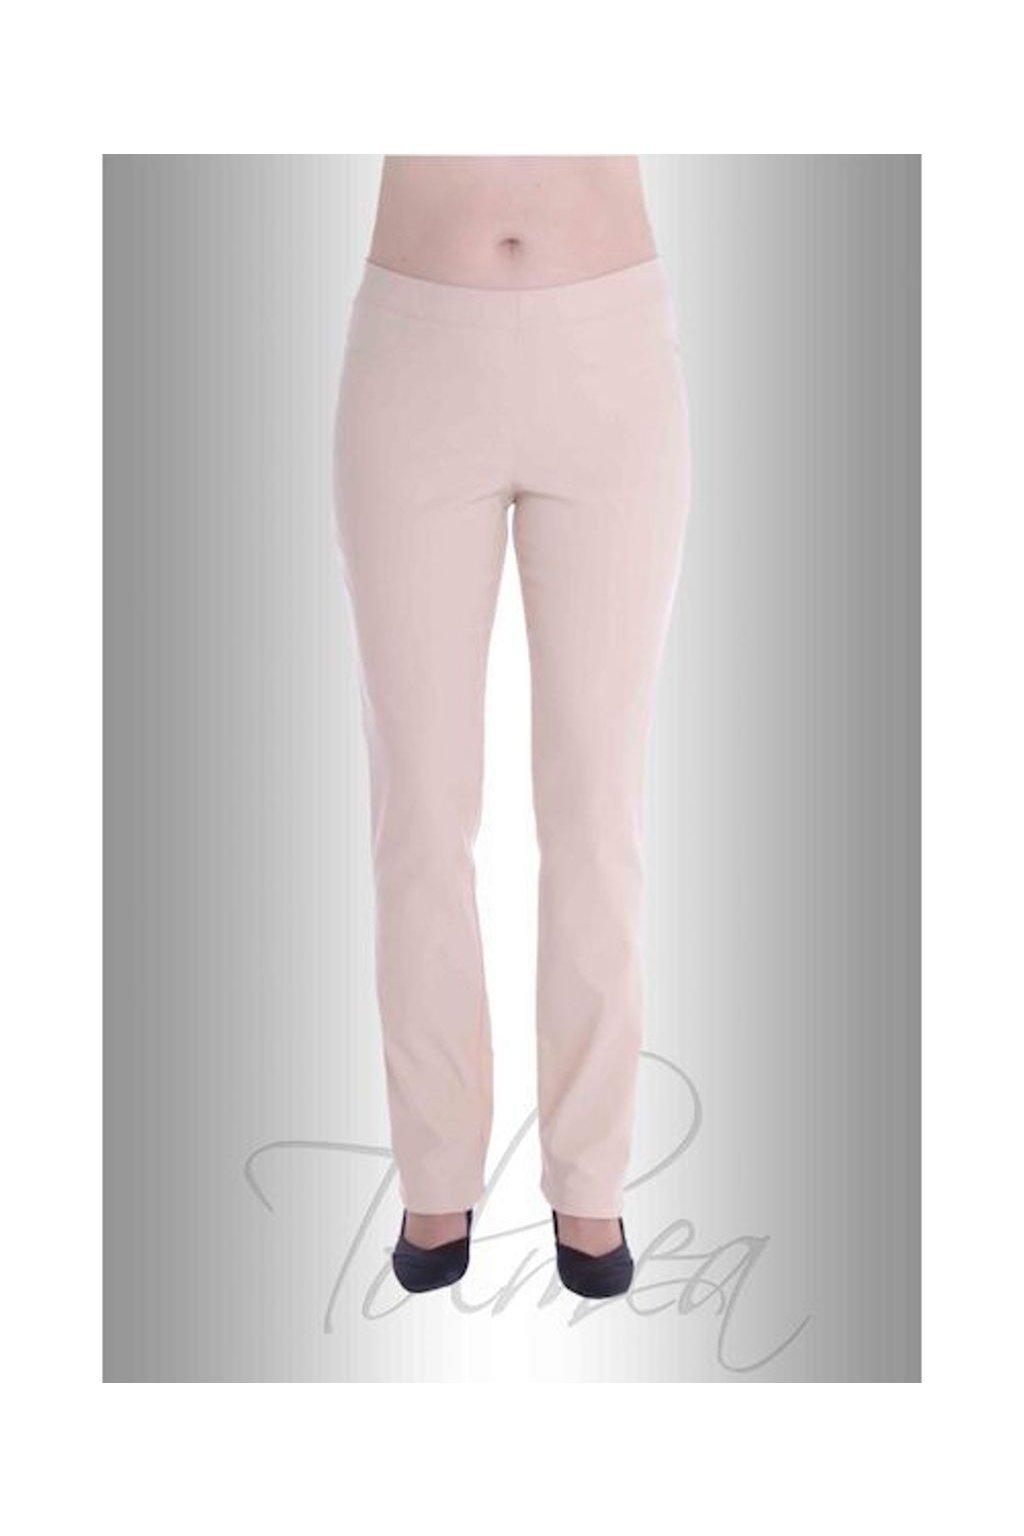 Kalhoty elastické džegíny 51T (Velikost 36, Barva Pudrová)